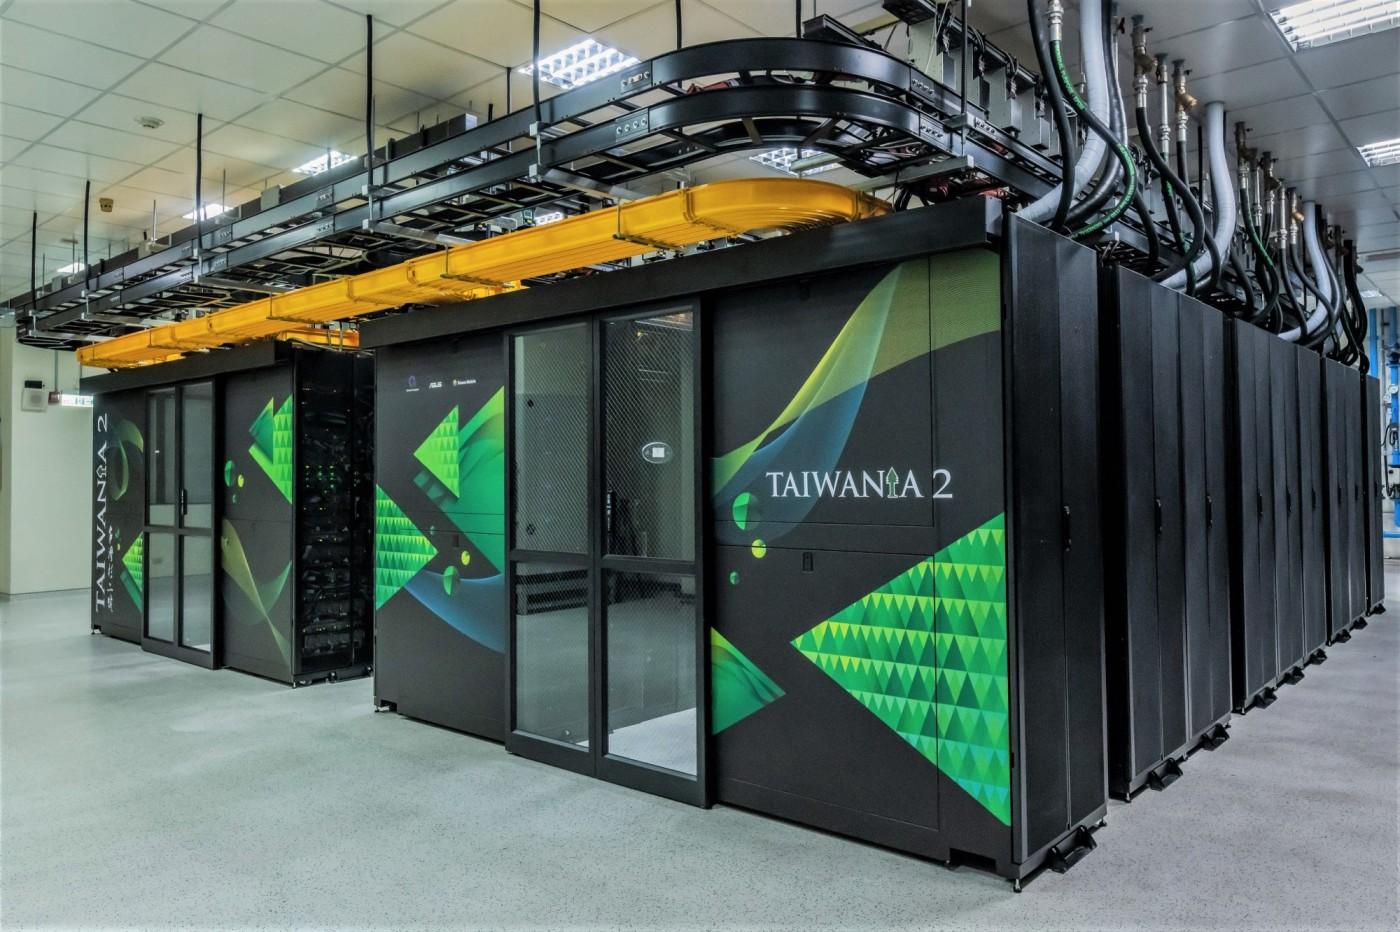 做超級電腦「台灣杉二號」打響名號,華碩出海奪新加坡Certis智慧保全專案